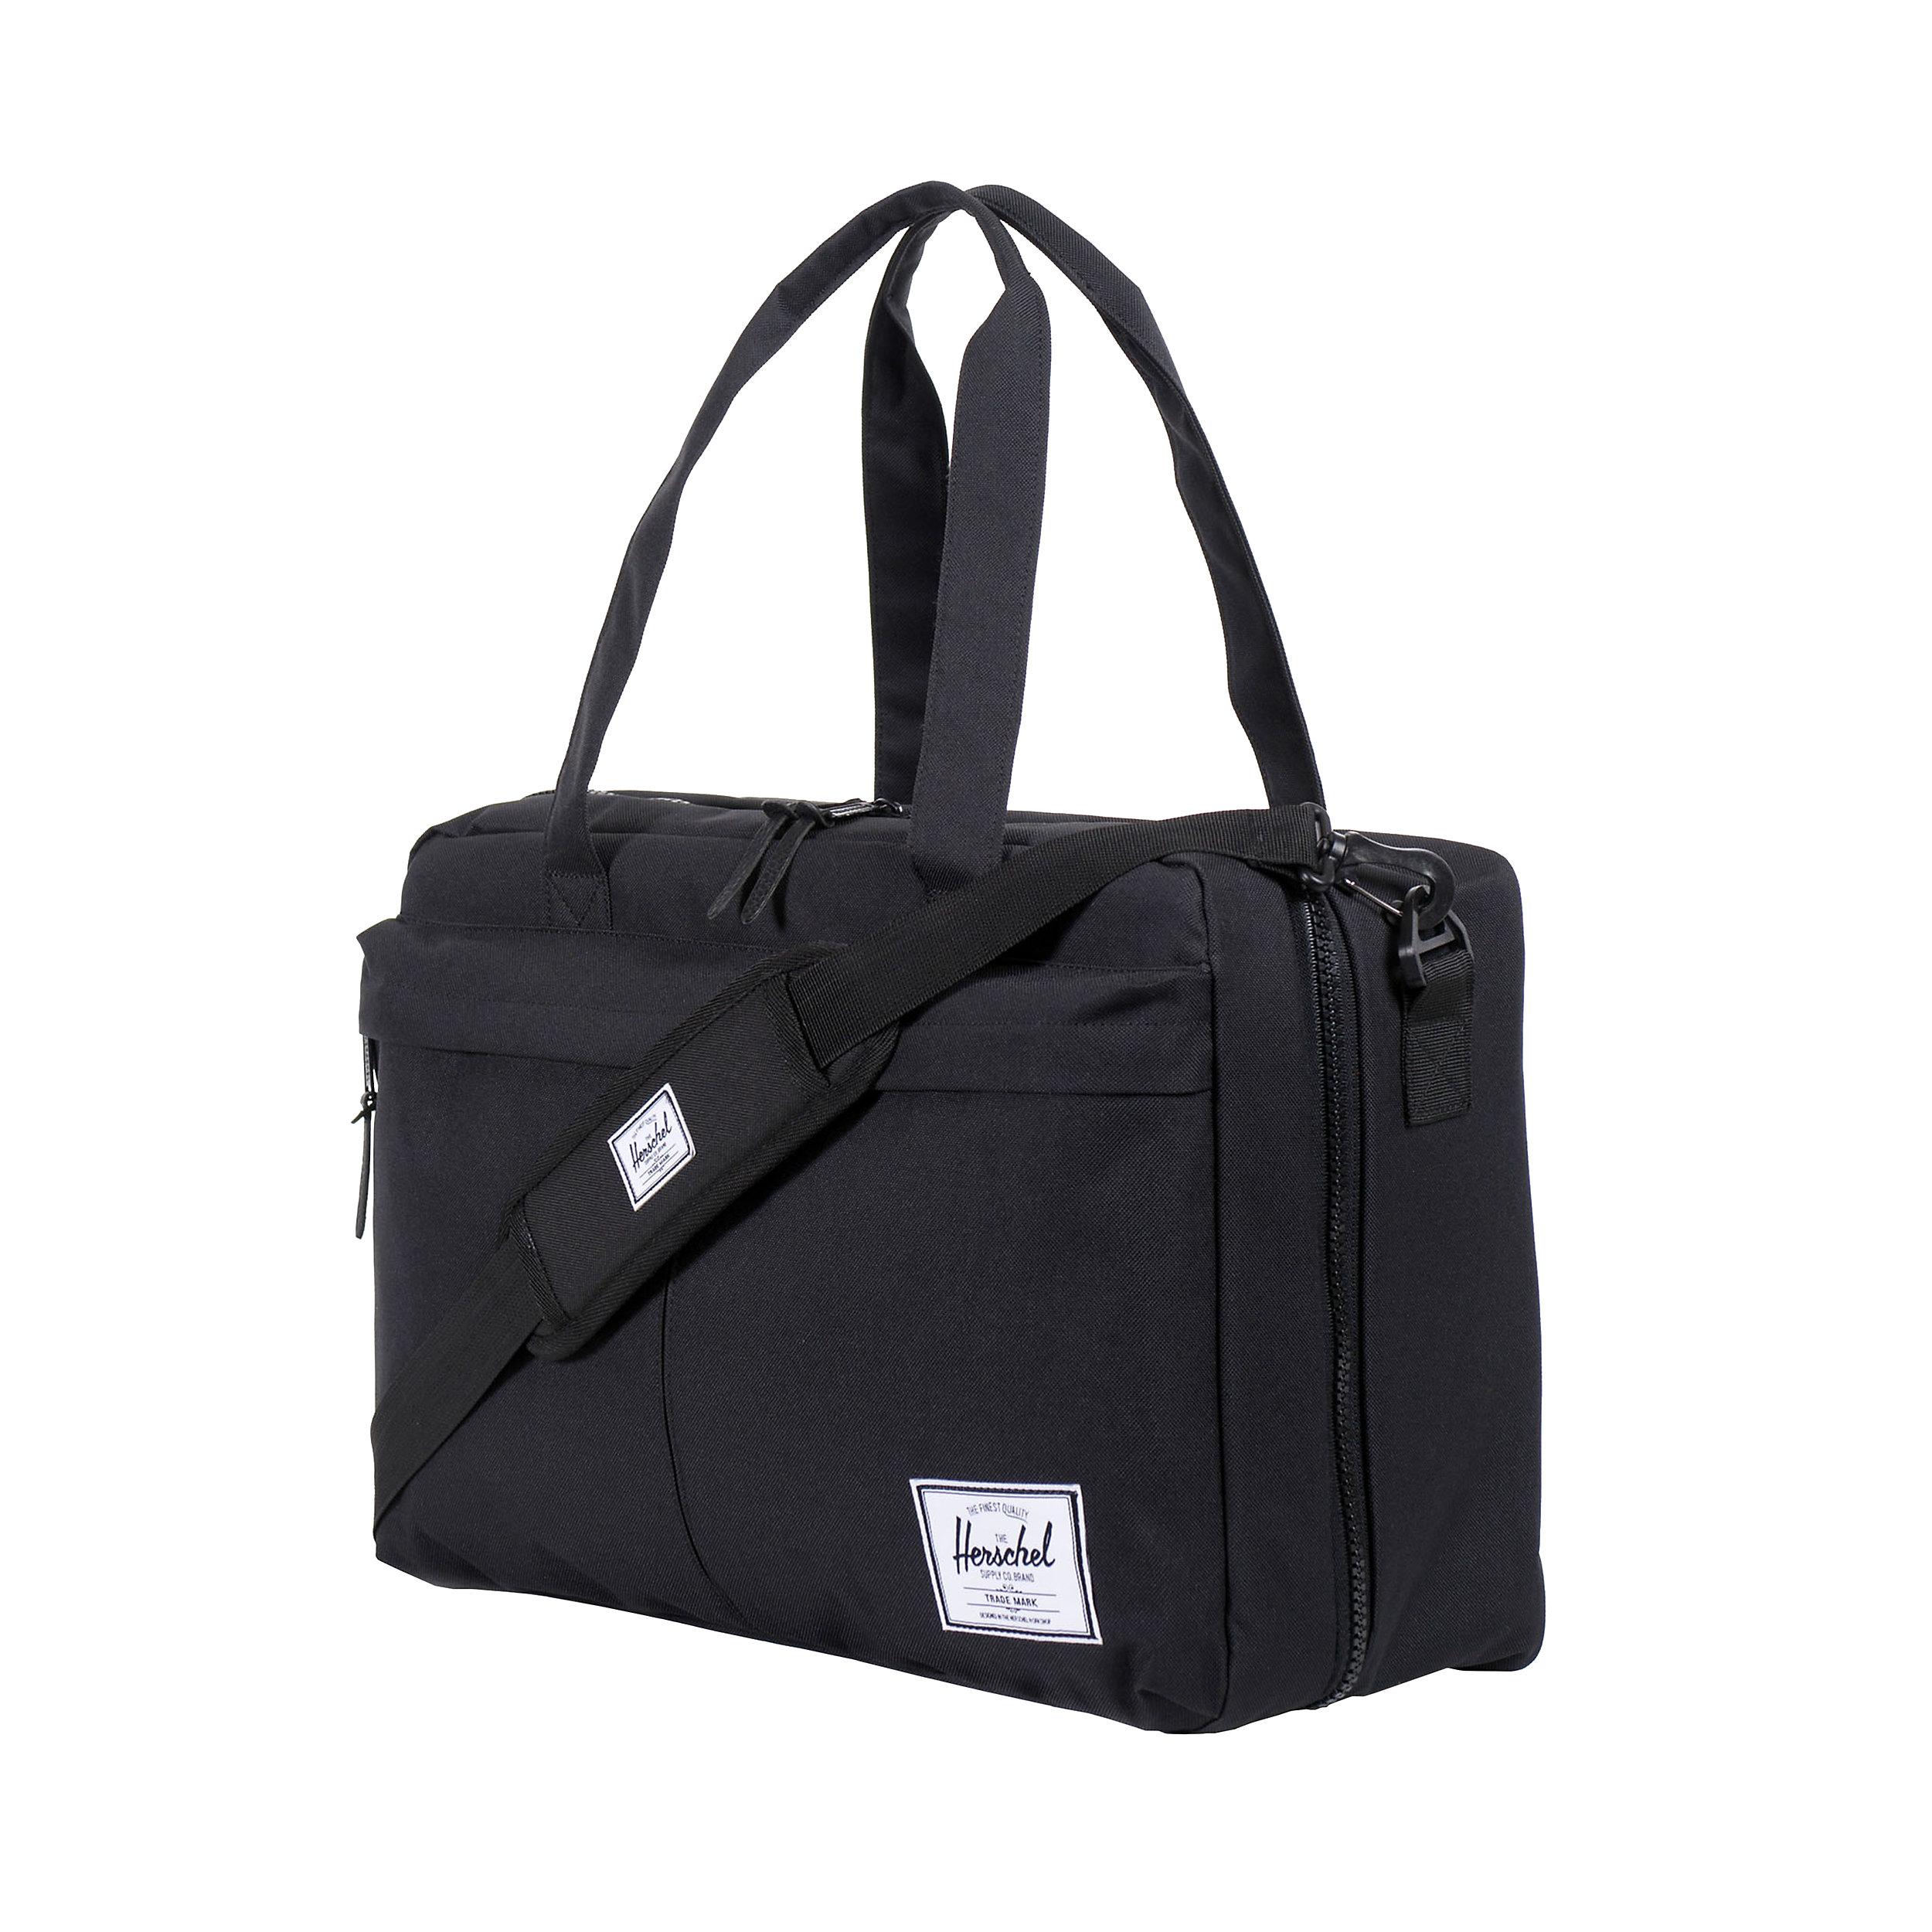 Reisetasche Bowen 32.5 Liter